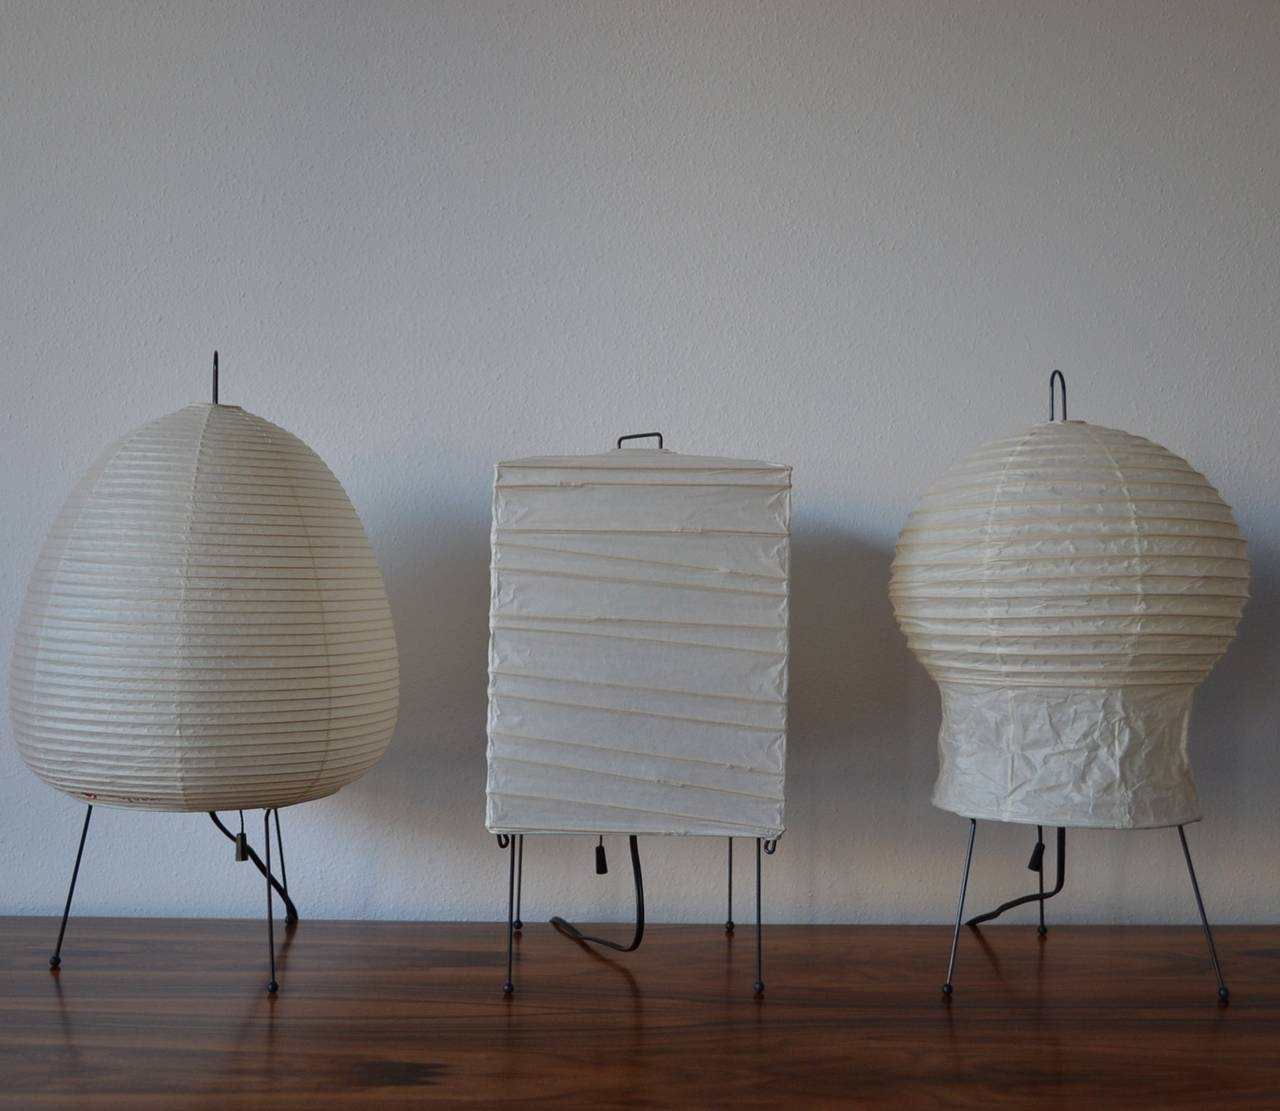 Table Lamp By Isamu Noguchi At 1stdibs